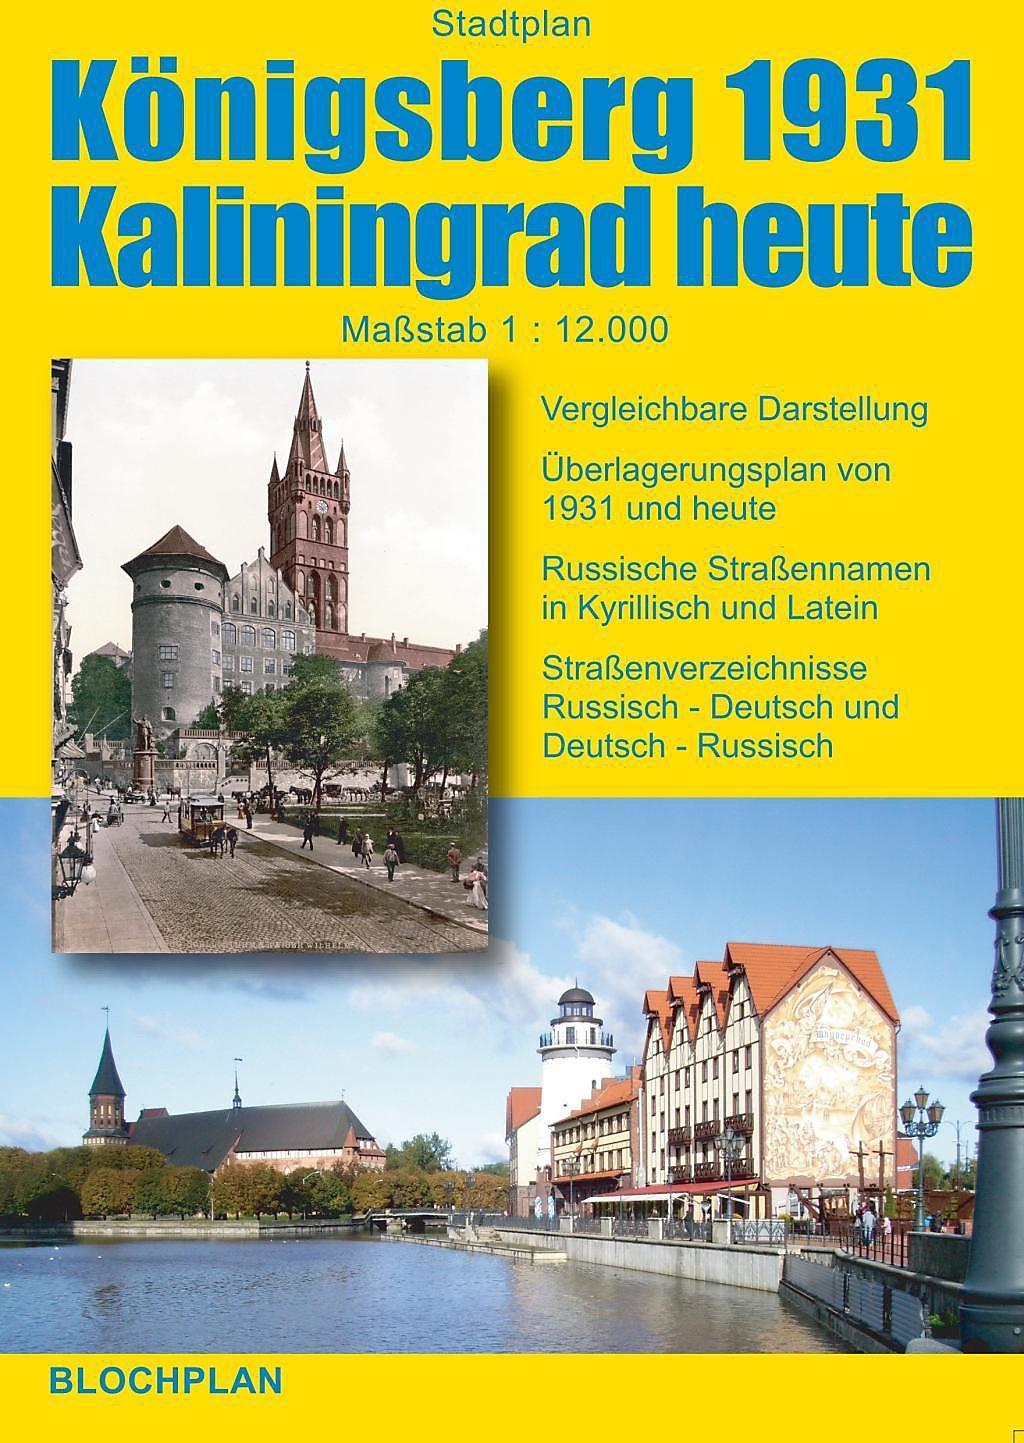 Königsberg Kaliningrad Karte.Stadtplan Königsberg 1931 Kaliningrad Heute Buch Weltbild De